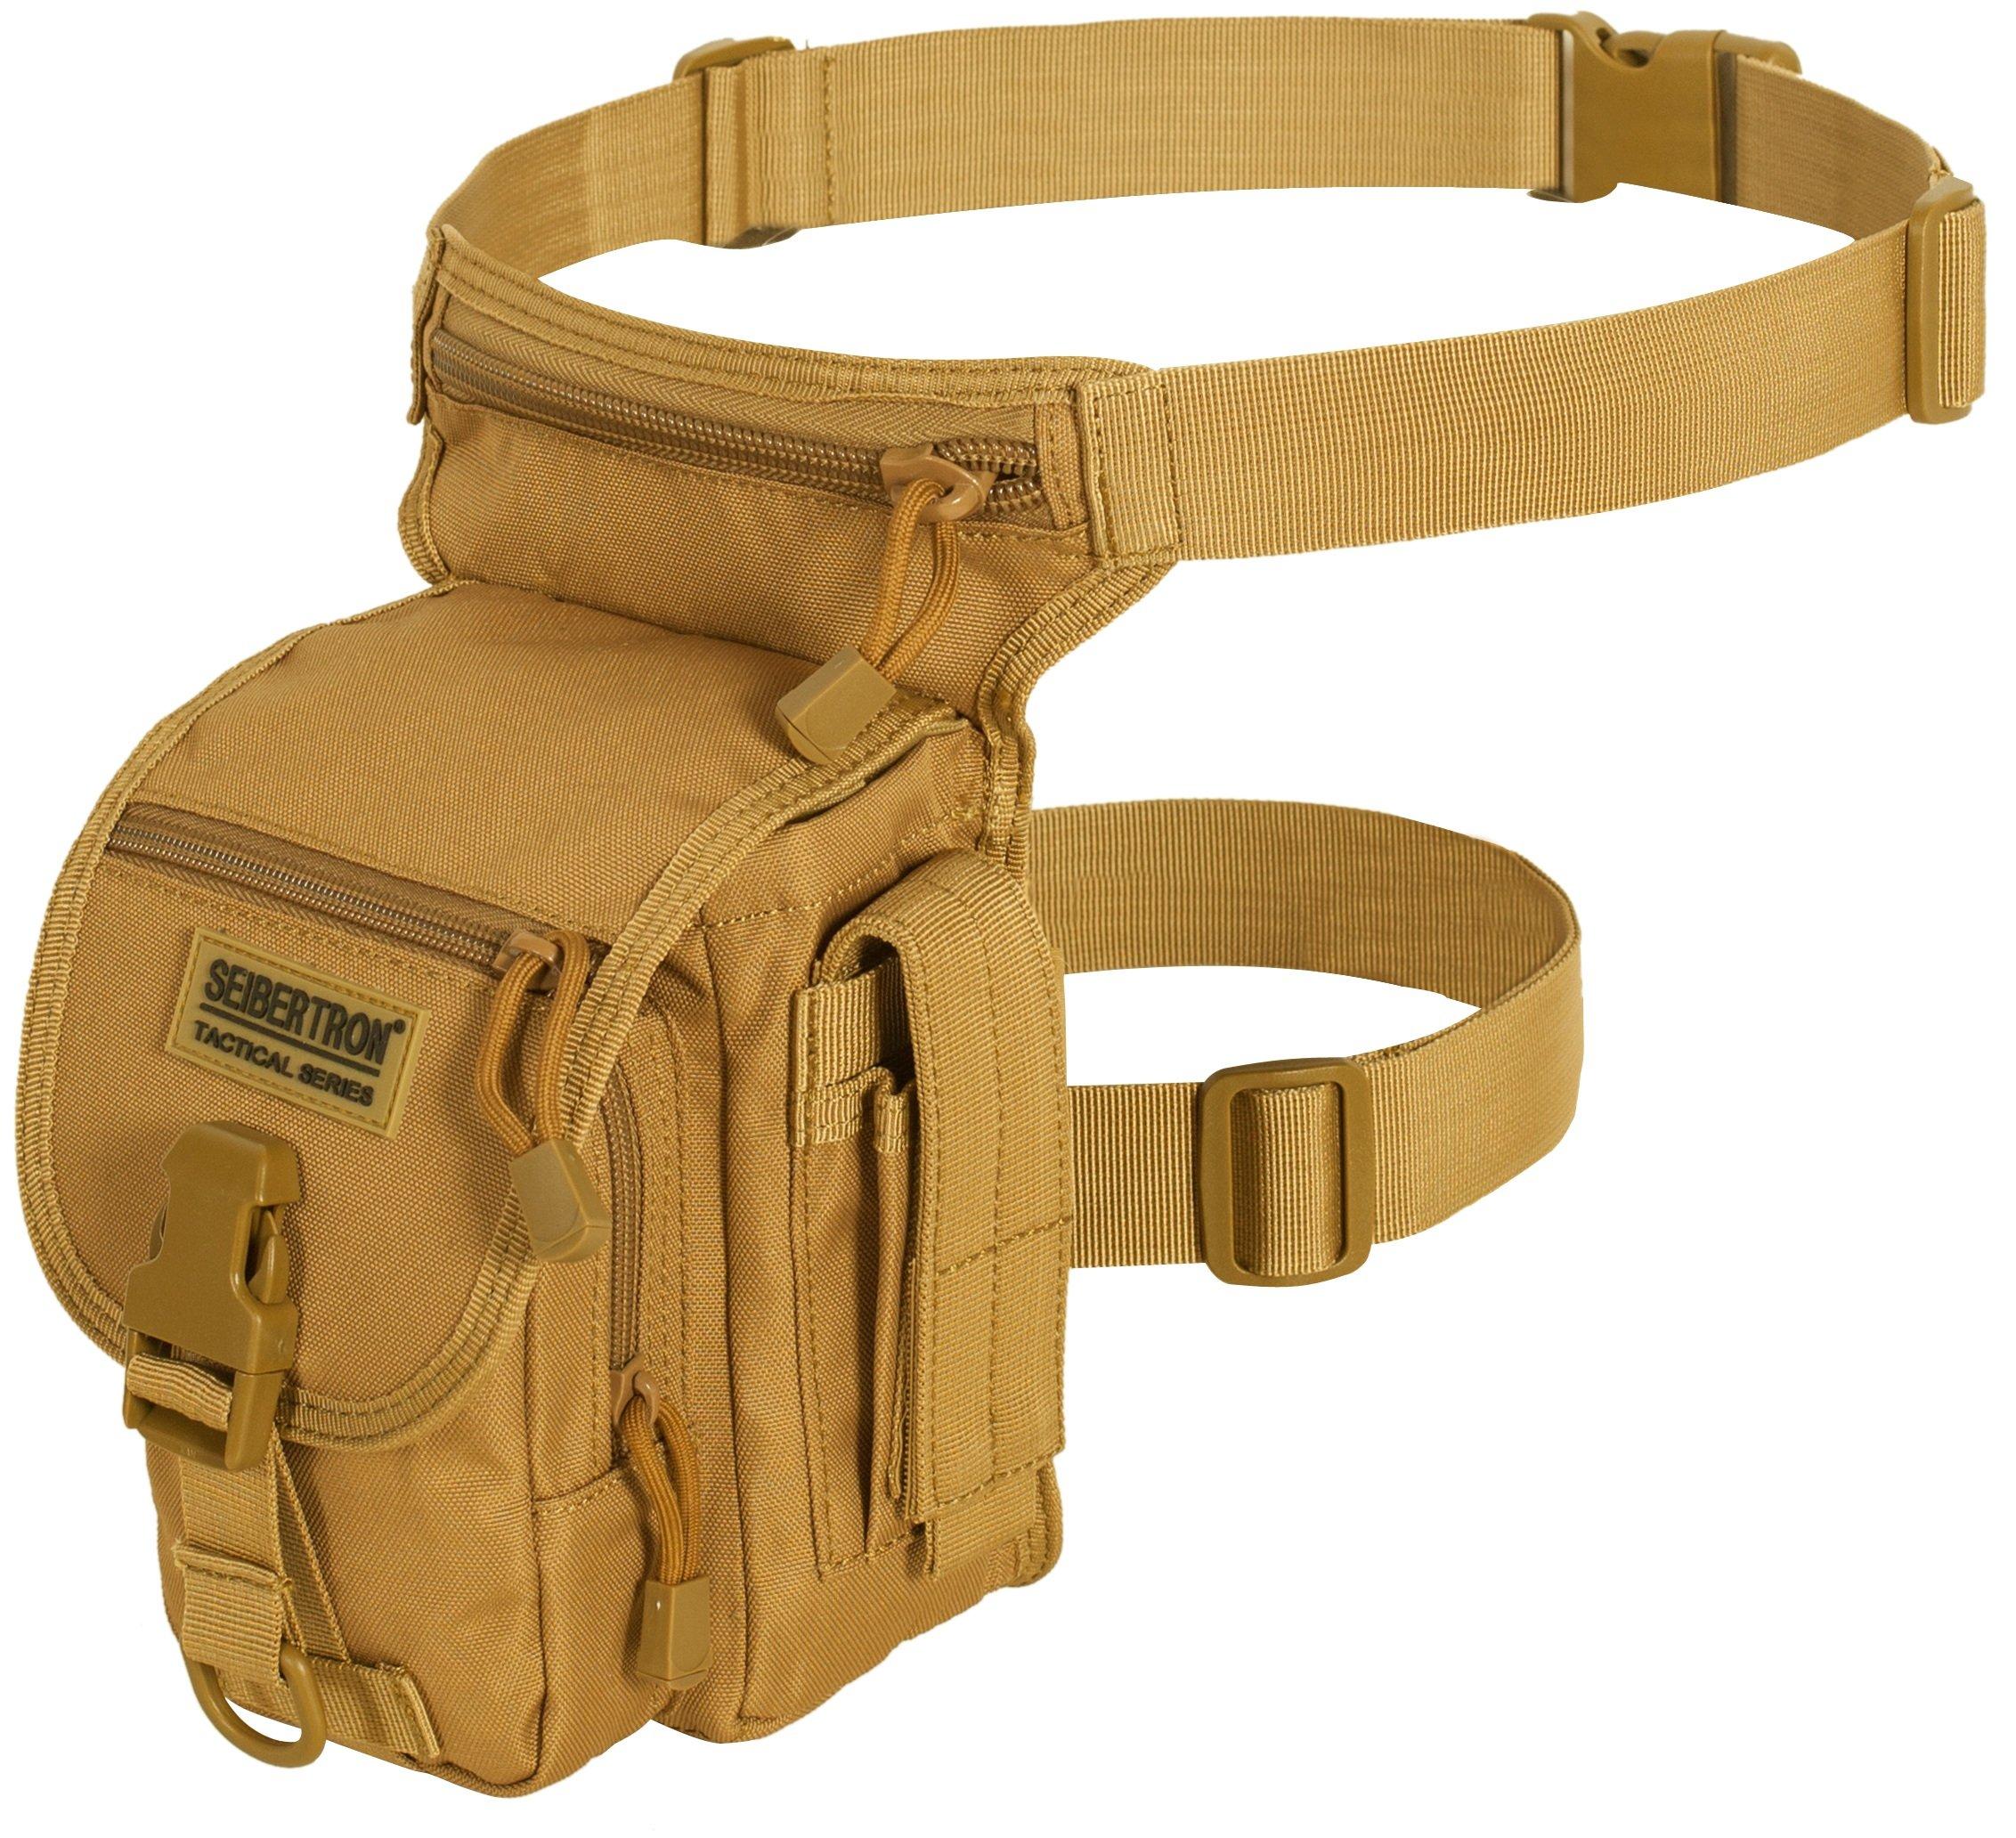 Seibertron Multi-purpose Waterproof Sports Riding Racing Motorcycle Leg Bag Tool Phone Travel Bag Khaki